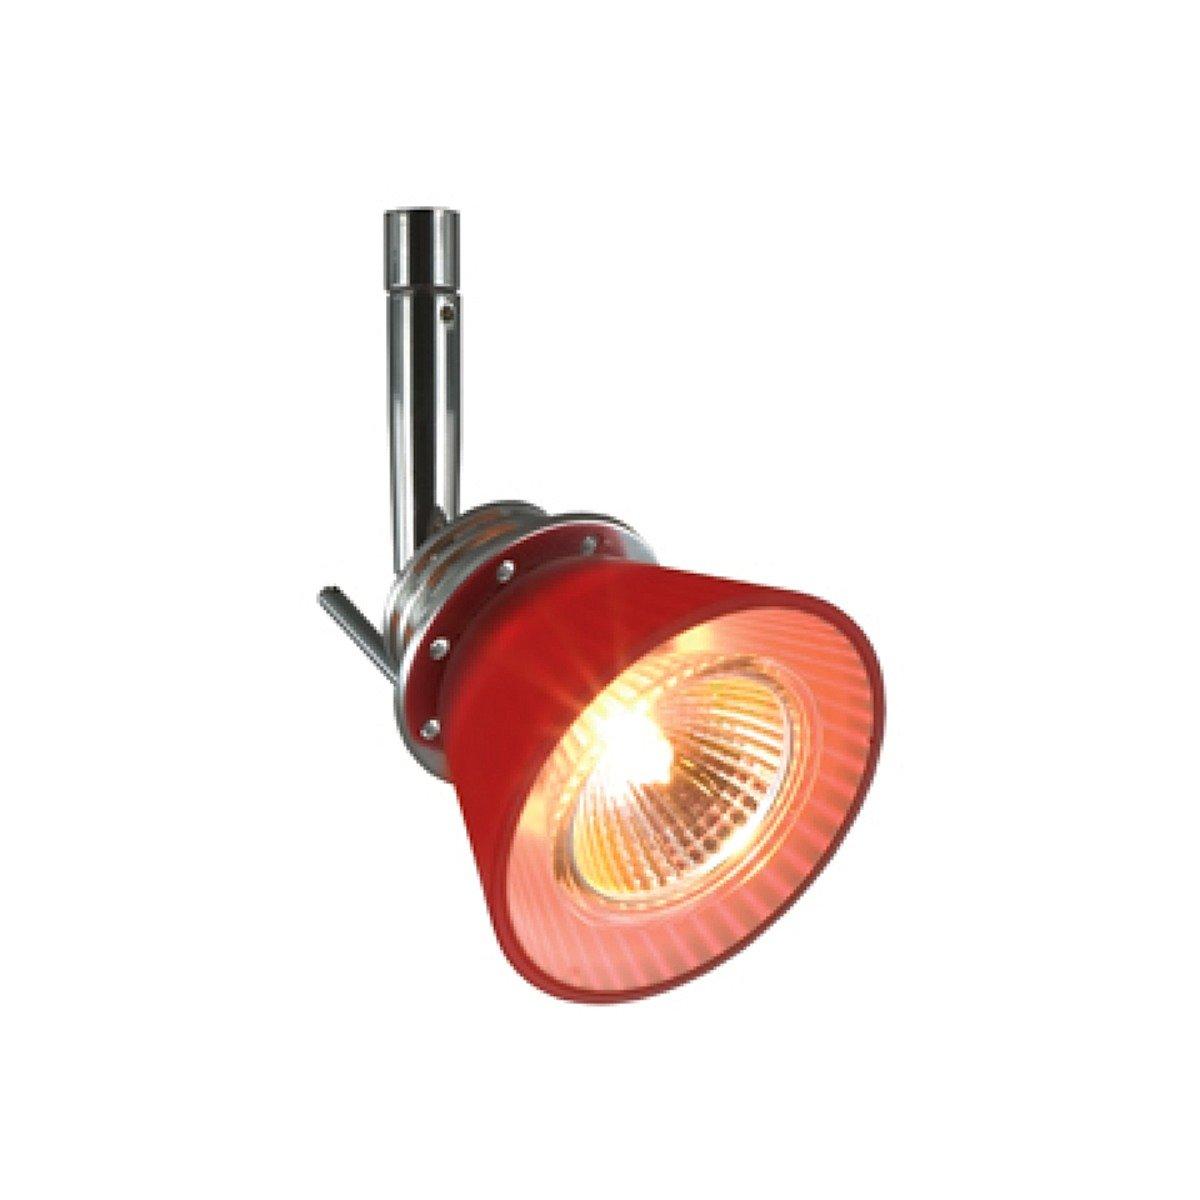 Jesco Lighting HILV10950WH ミニ デコ 109シリーズ 低電圧 トラック照明器具 Length: 3.5